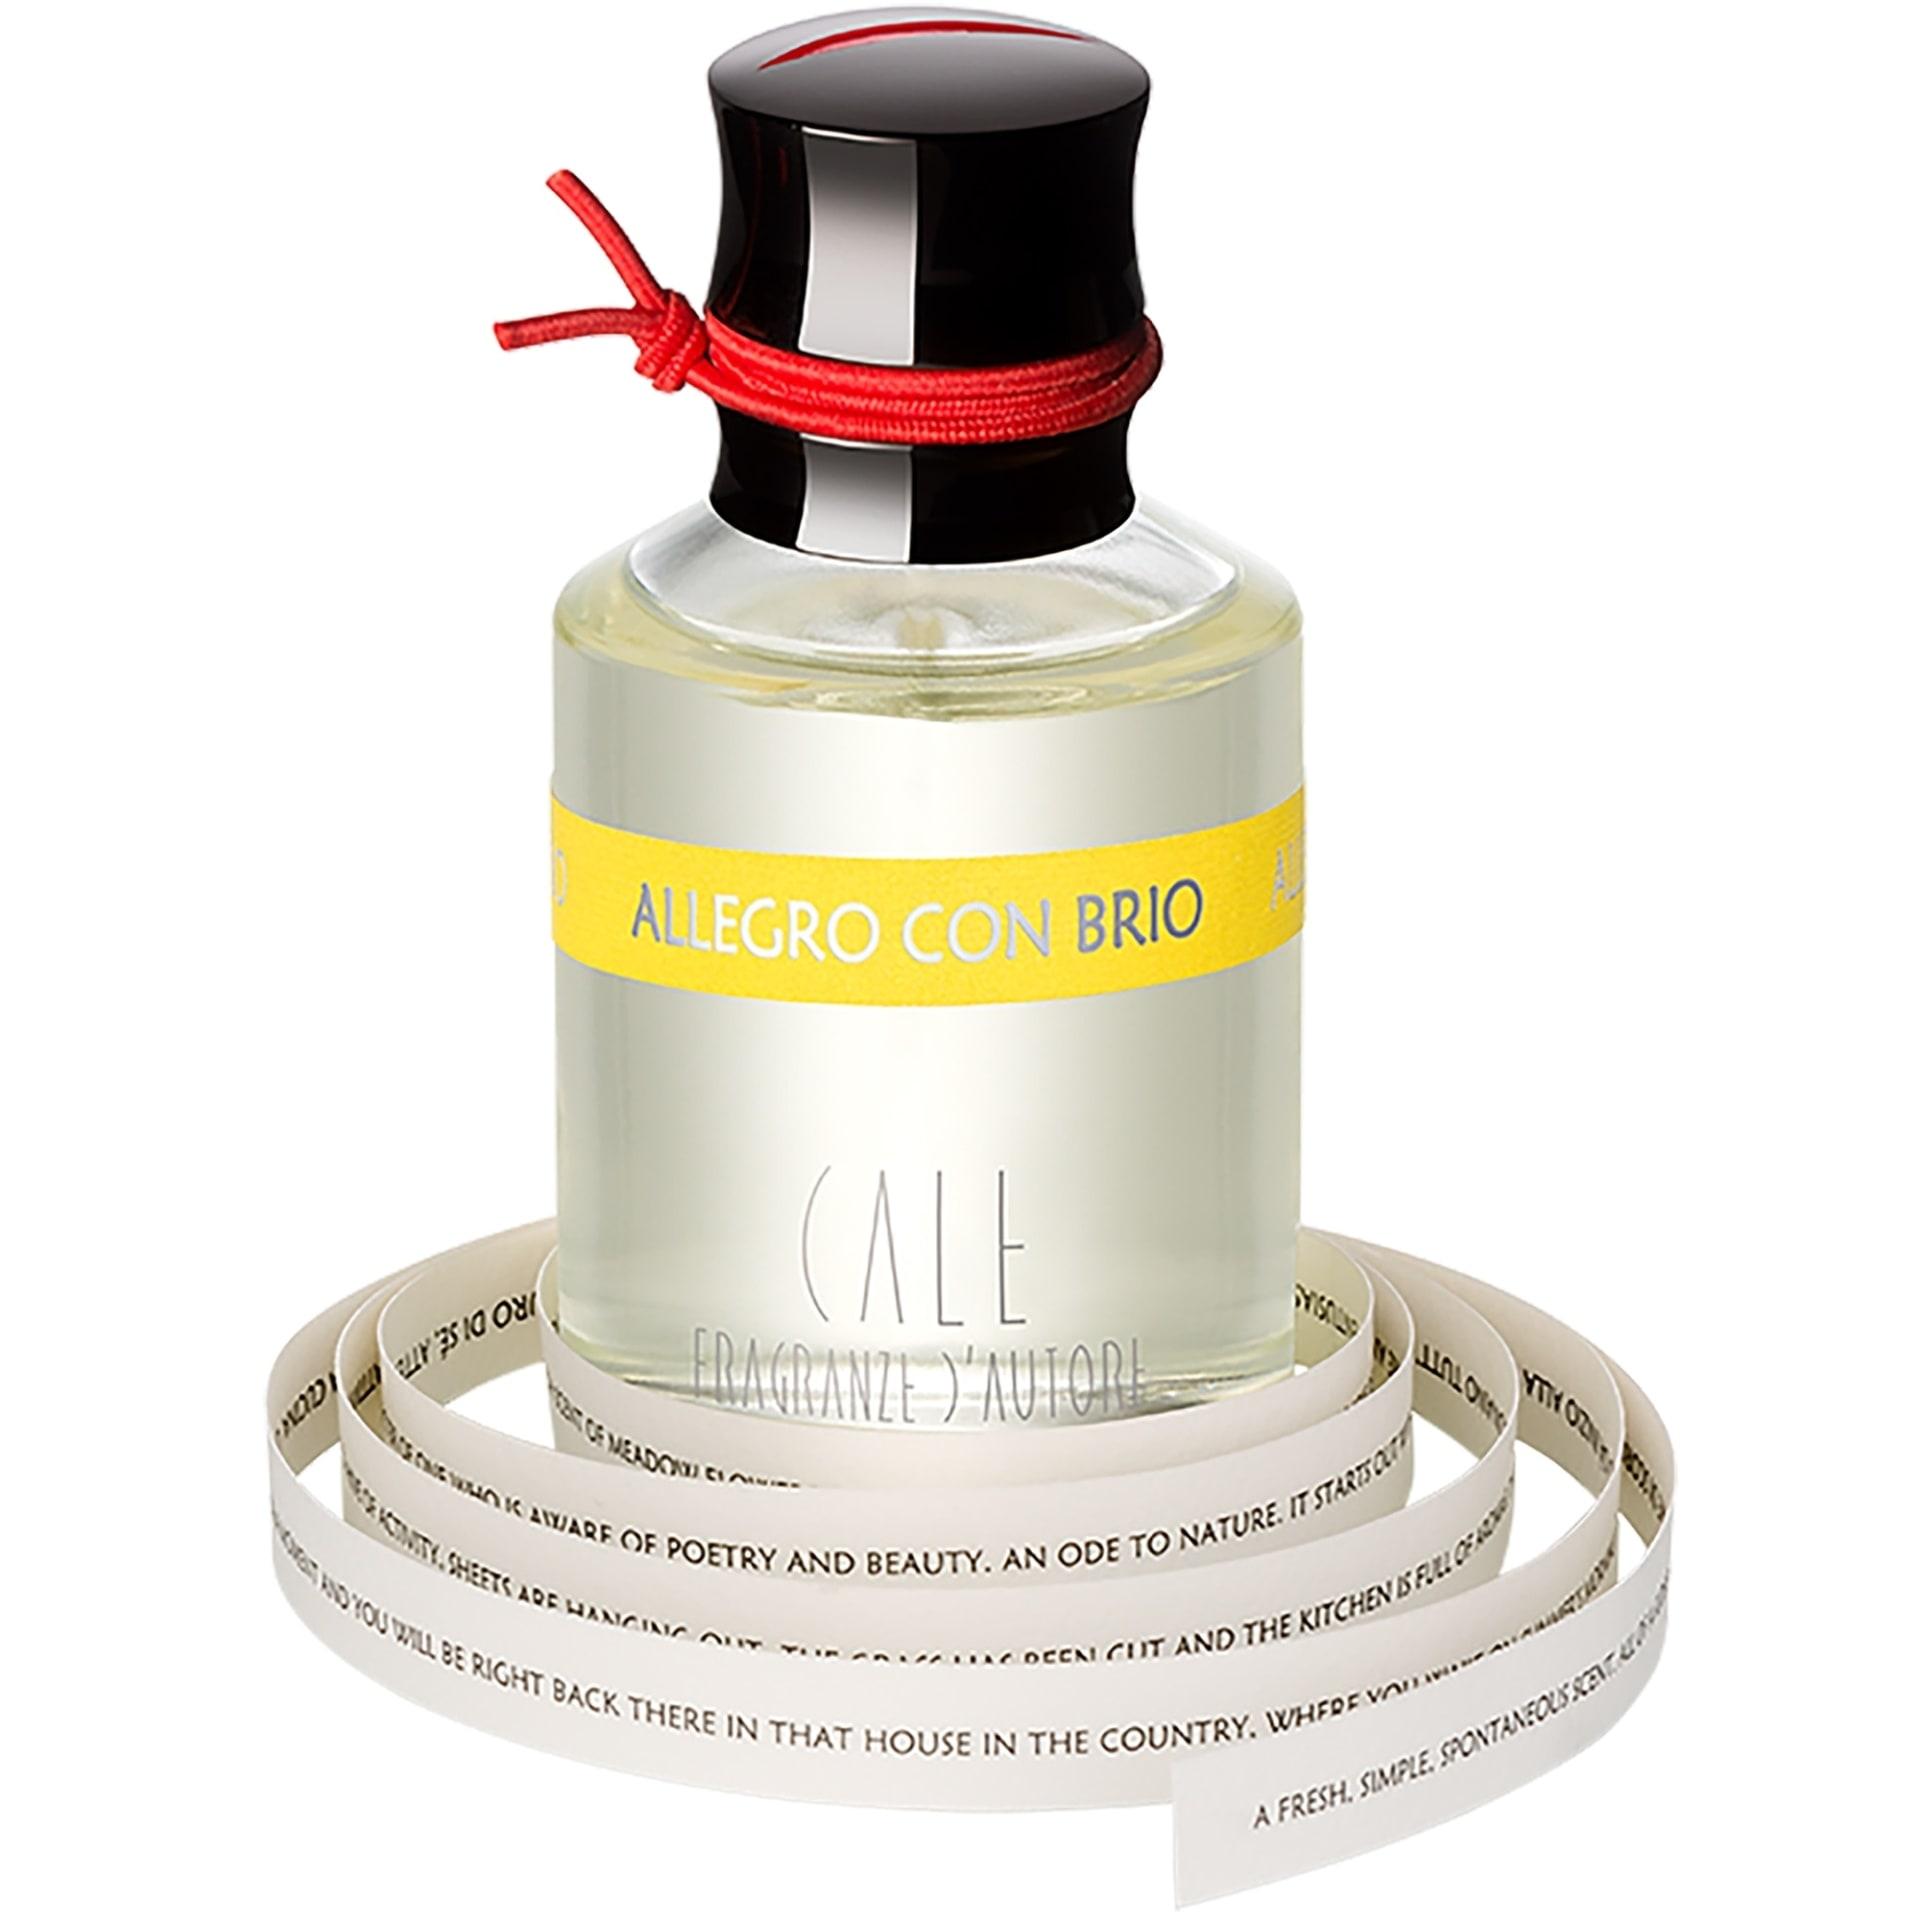 cale-fragranze-dautore-allegro-con-brio-3